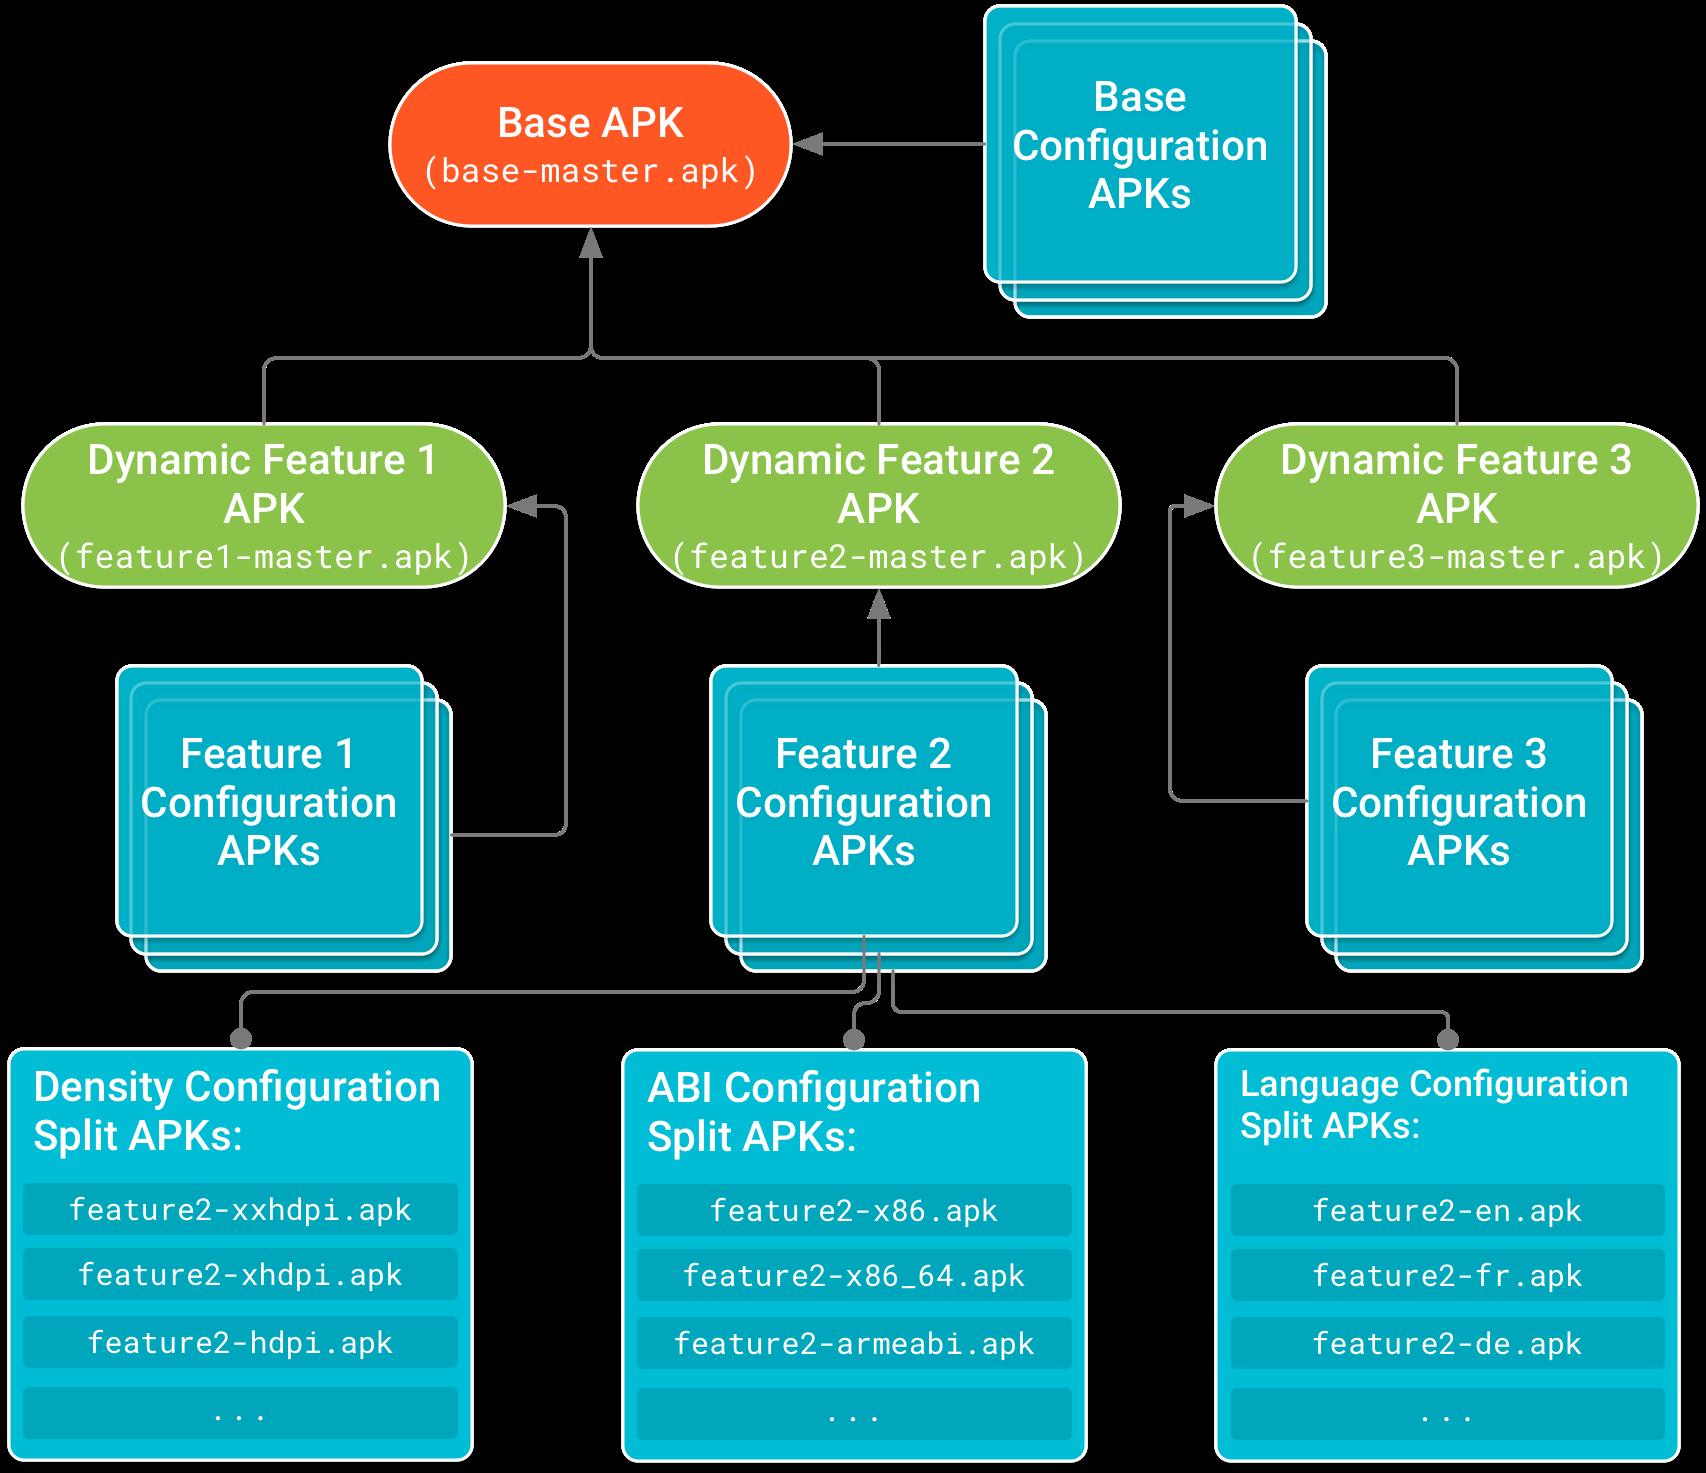 기본 APK는 동적 기능 APK가 포함된 트리의 최상위에 위치하며 동적 기능 APK는 기본 APK에 종속성을 갖습니다. 구성 APK는 기본 APK 및 각 동적 기능 APK의 기기 설정에 필요한 코드와 리소스를 포함하고 있으며 종속 트리의 리프 노드를 구성합니다.